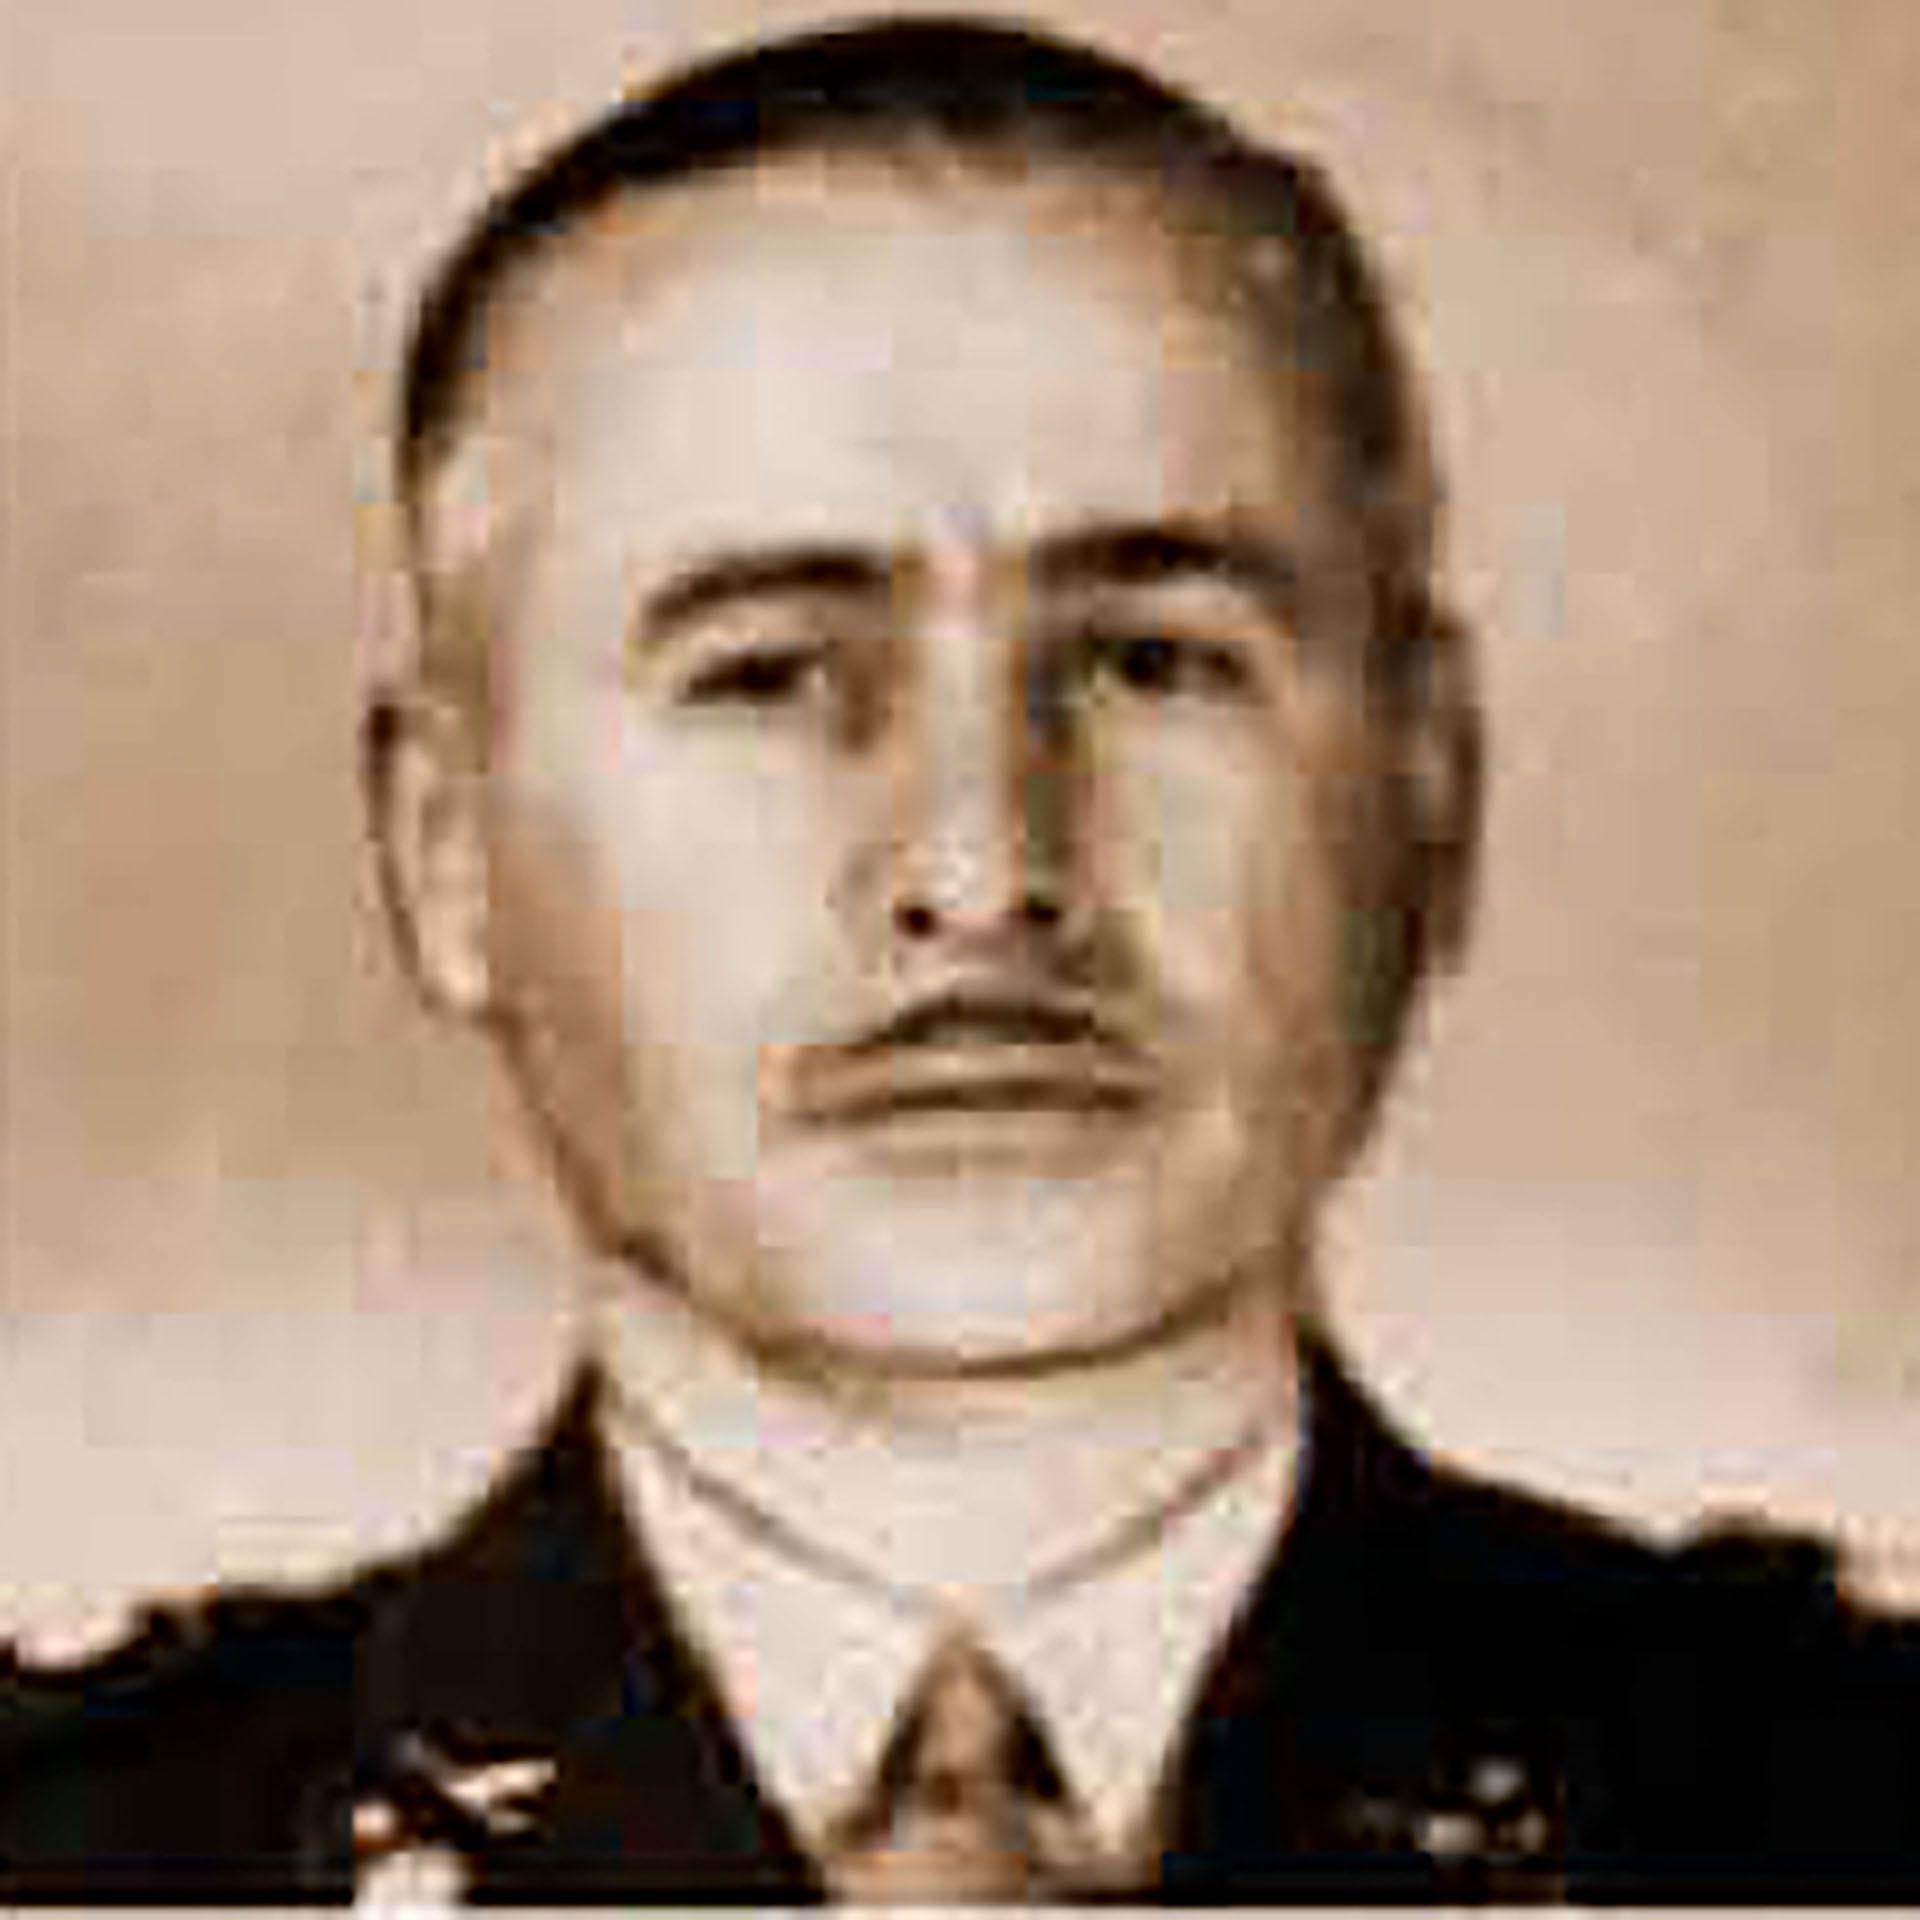 El general Tanco, jefe del levantamiento junto a Valle